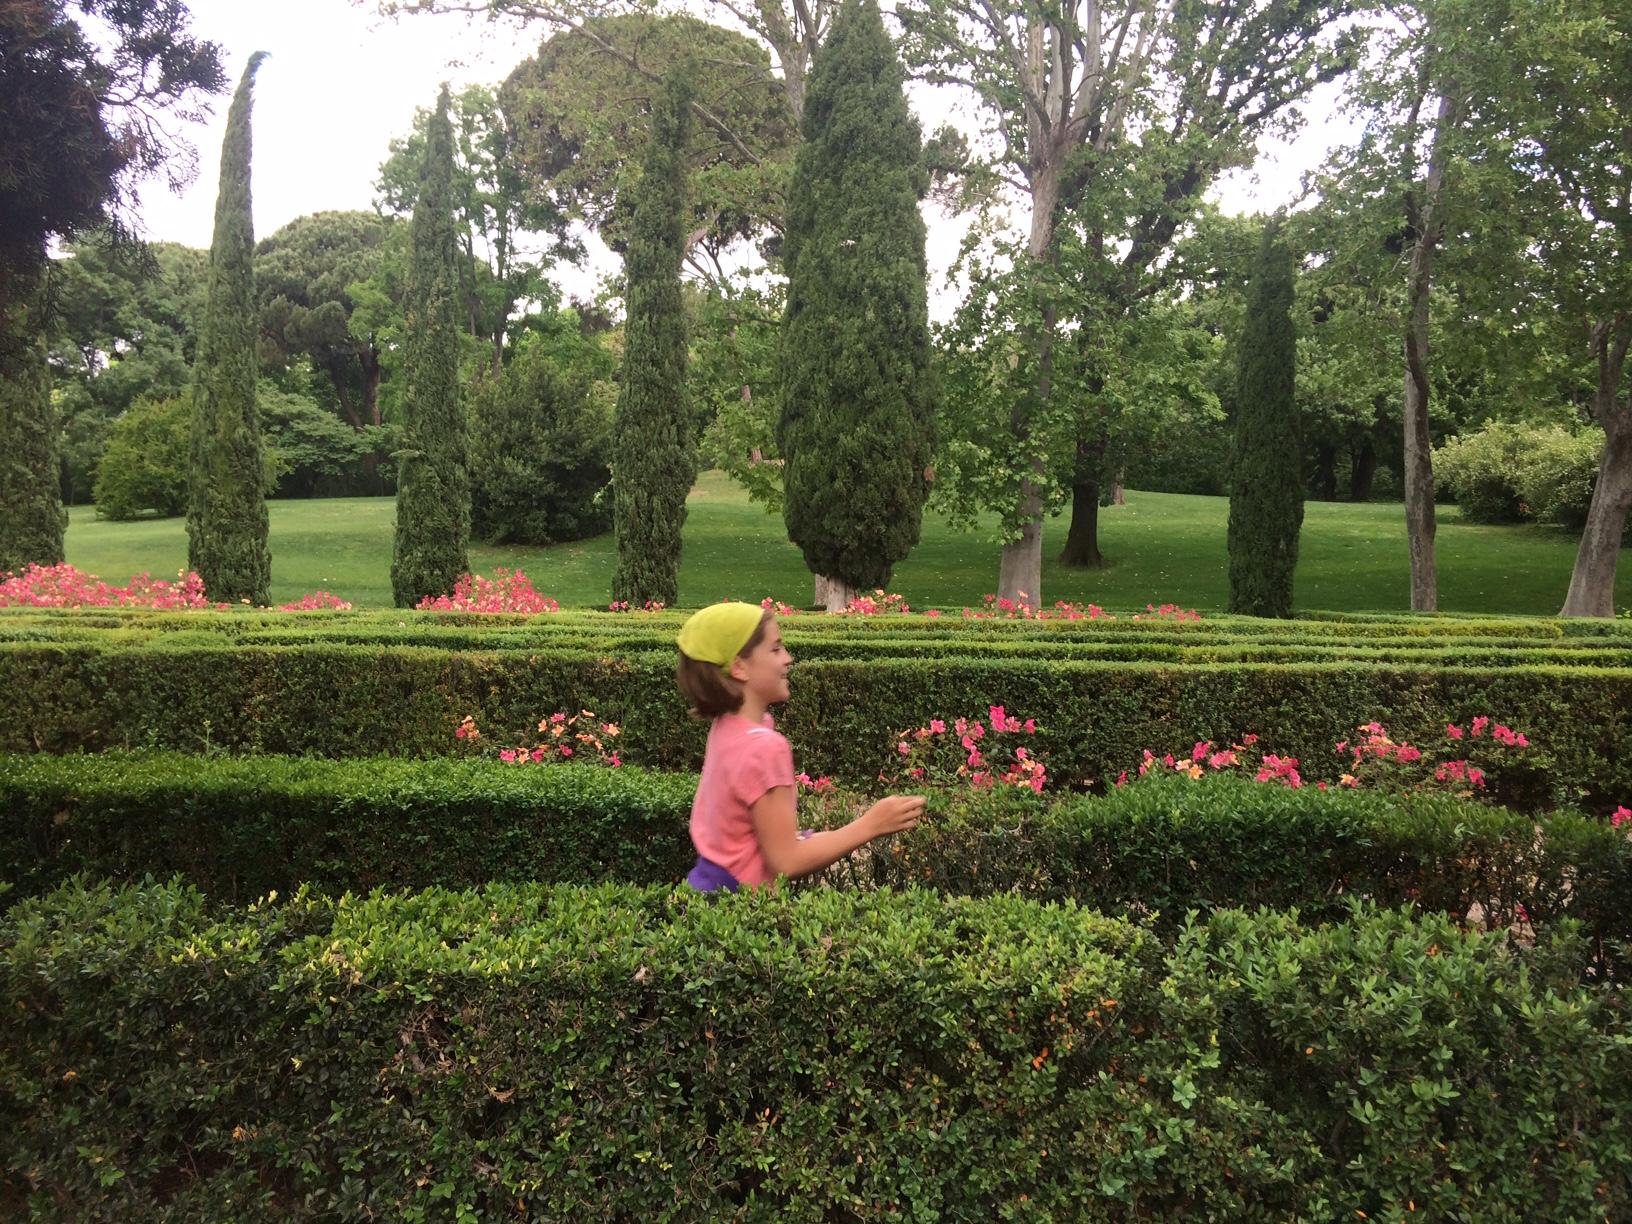 Corriendo entre los setos. Parque del Capricho (Madrid)